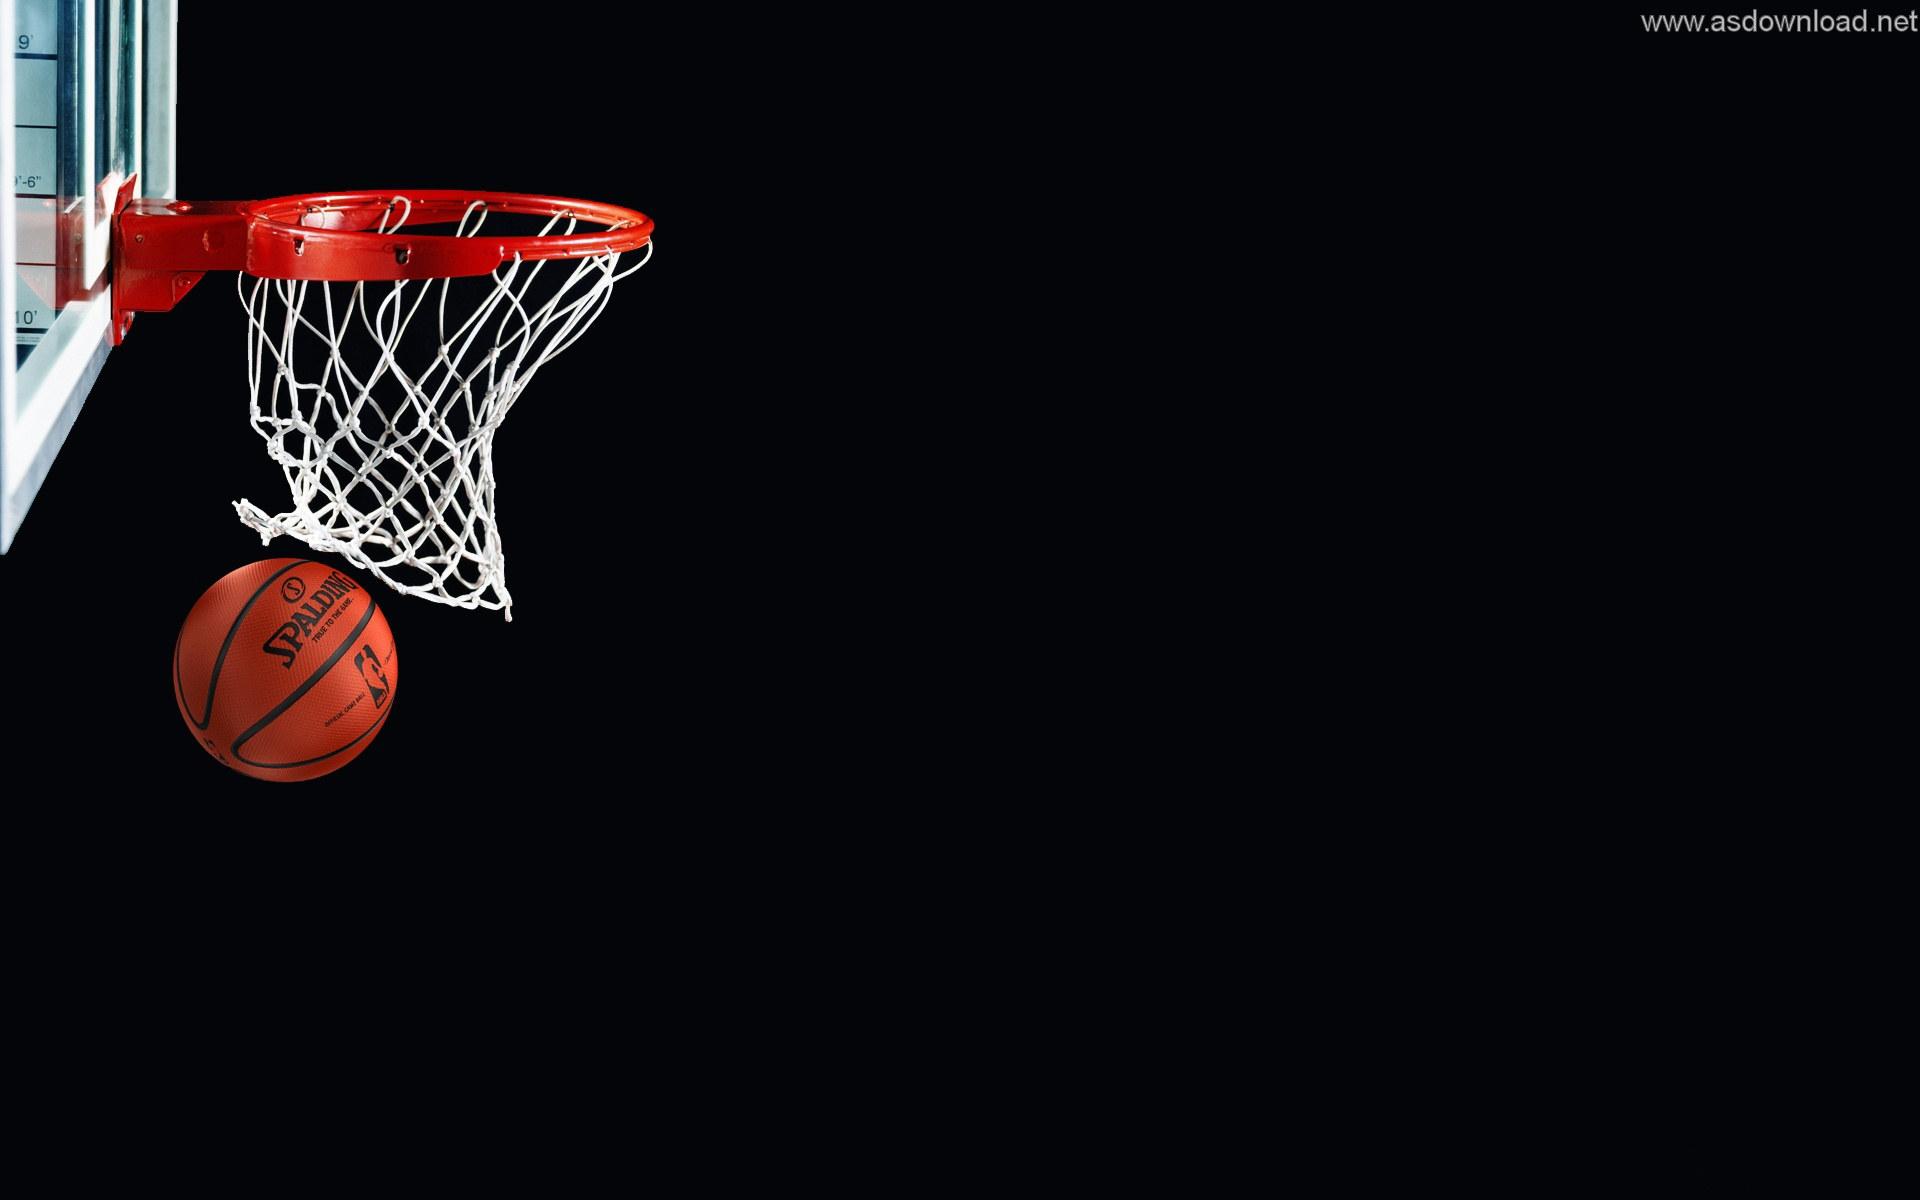 basketball wallpaper hd 22